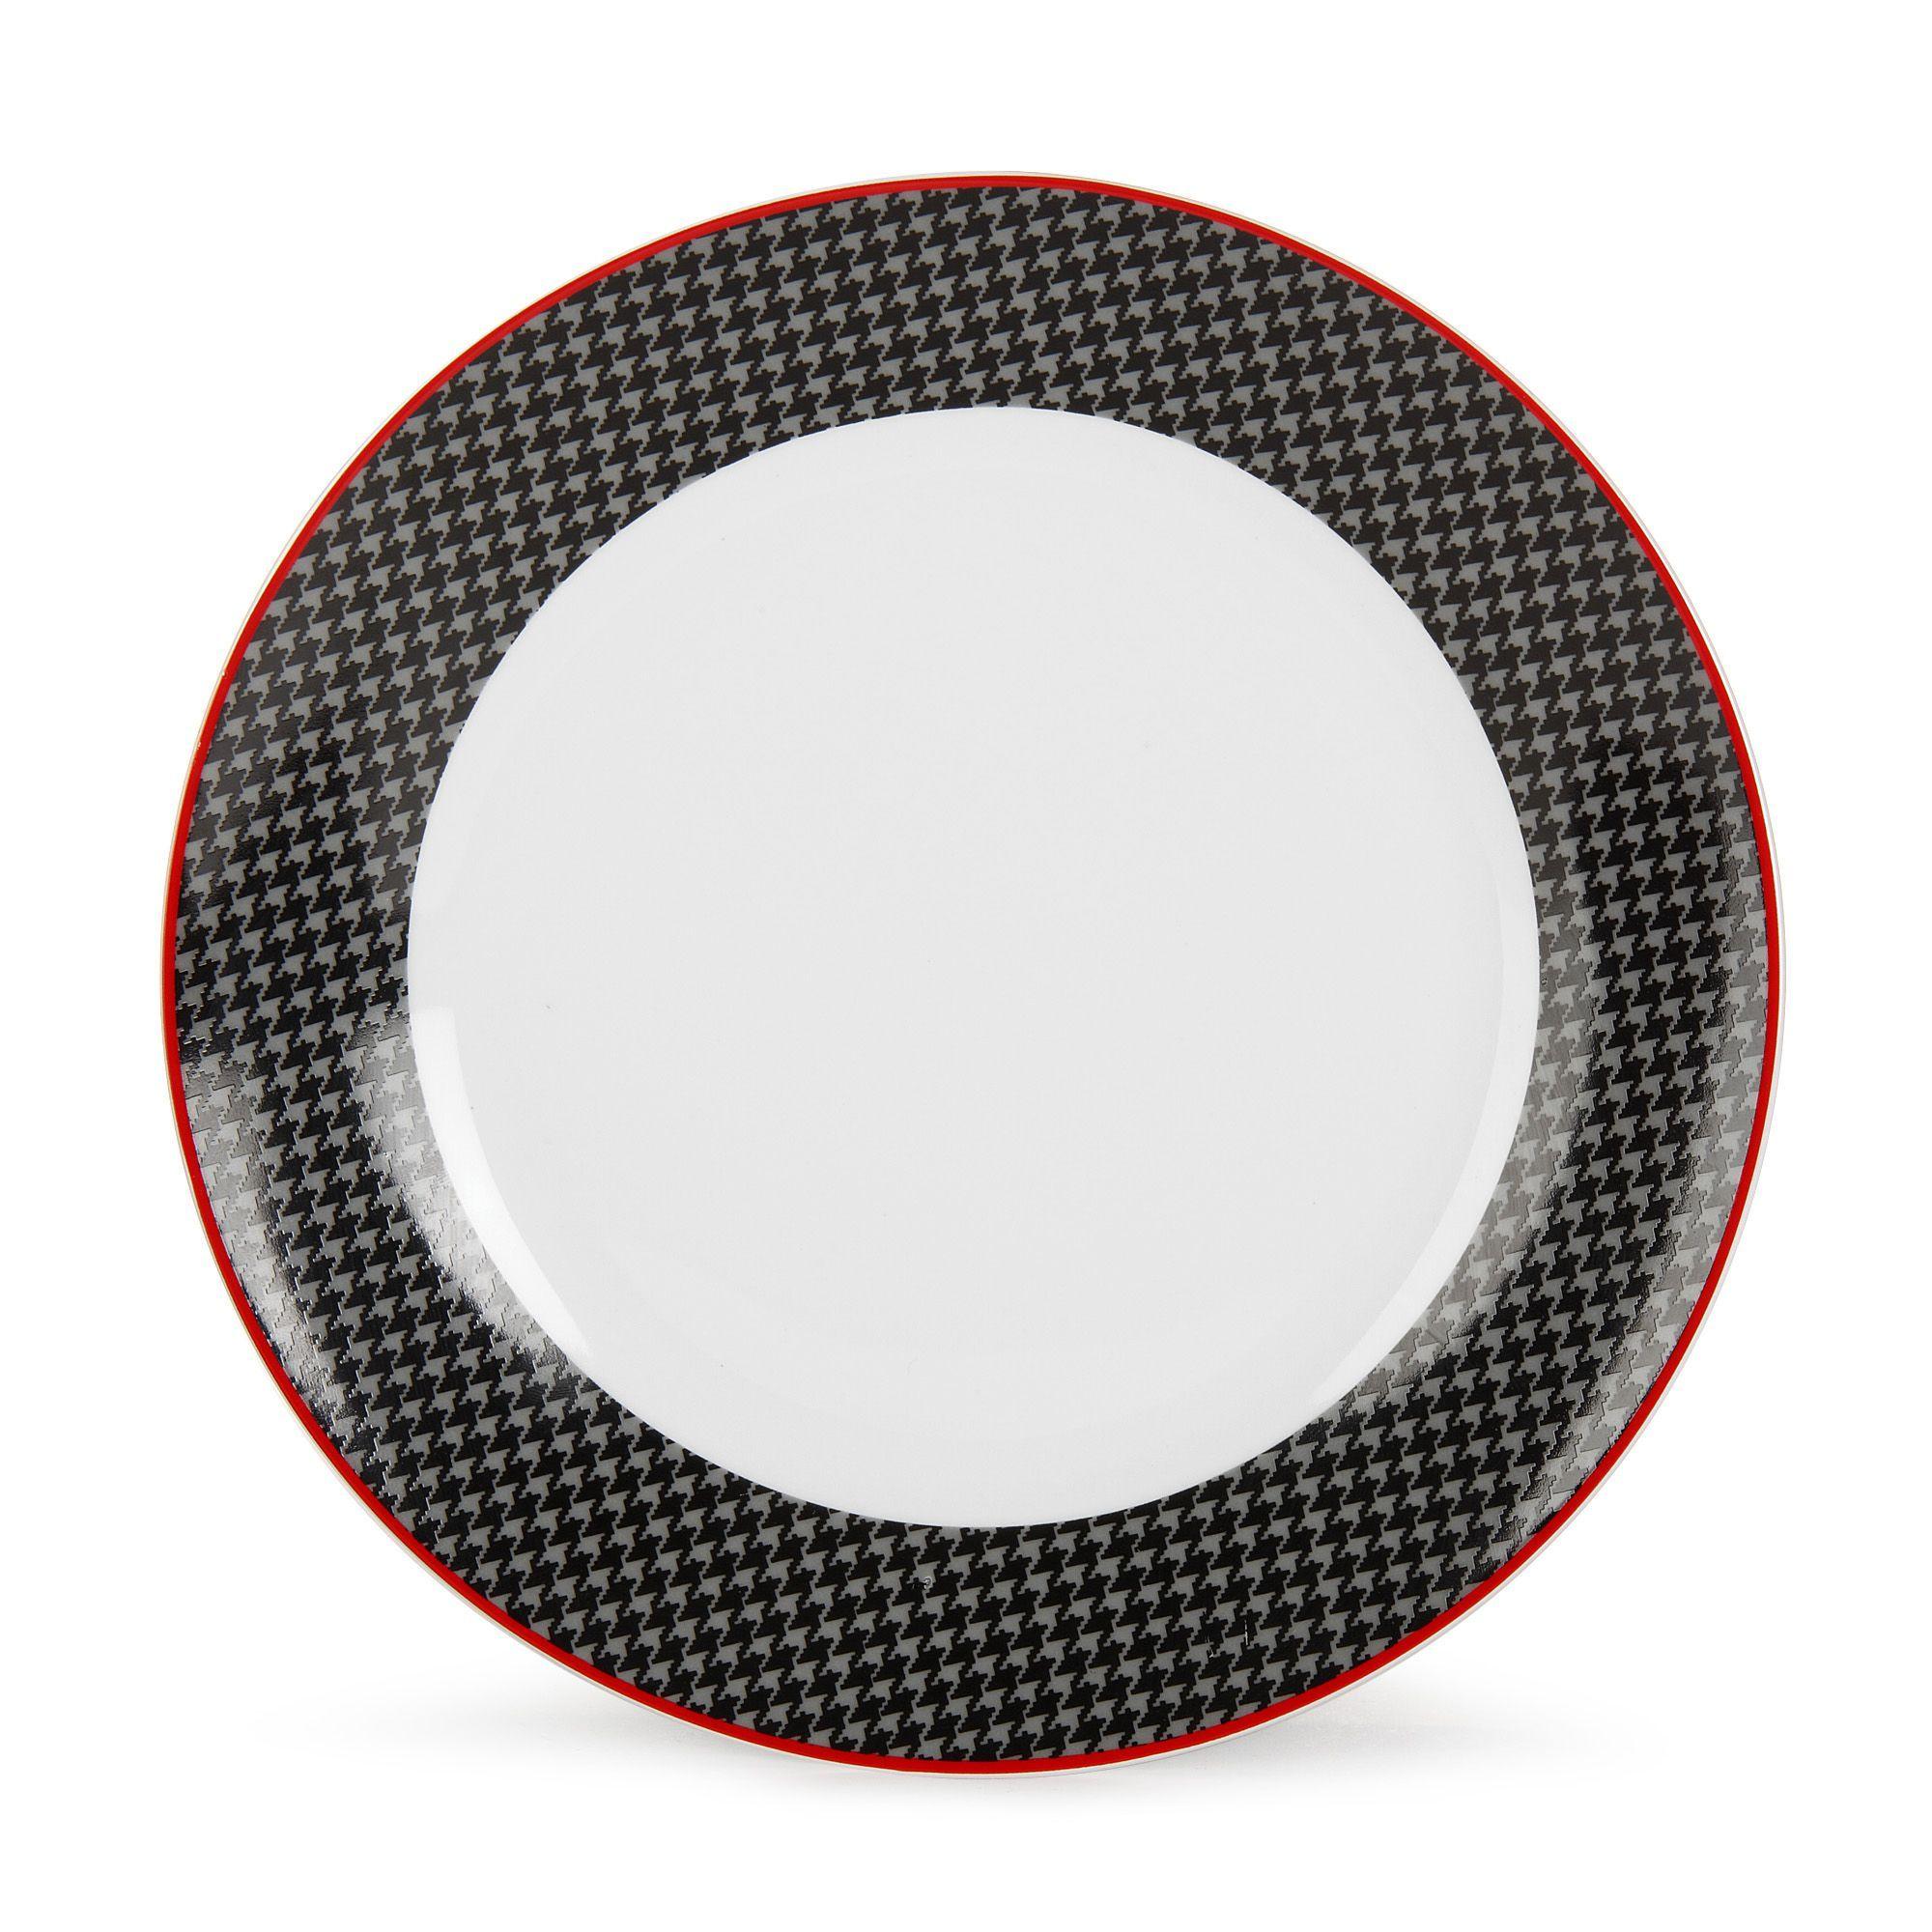 Assiette Plate Motifs Pieds De Poule Filet Rouge Noir Vaisselle  # Rangements Assietes Modernes